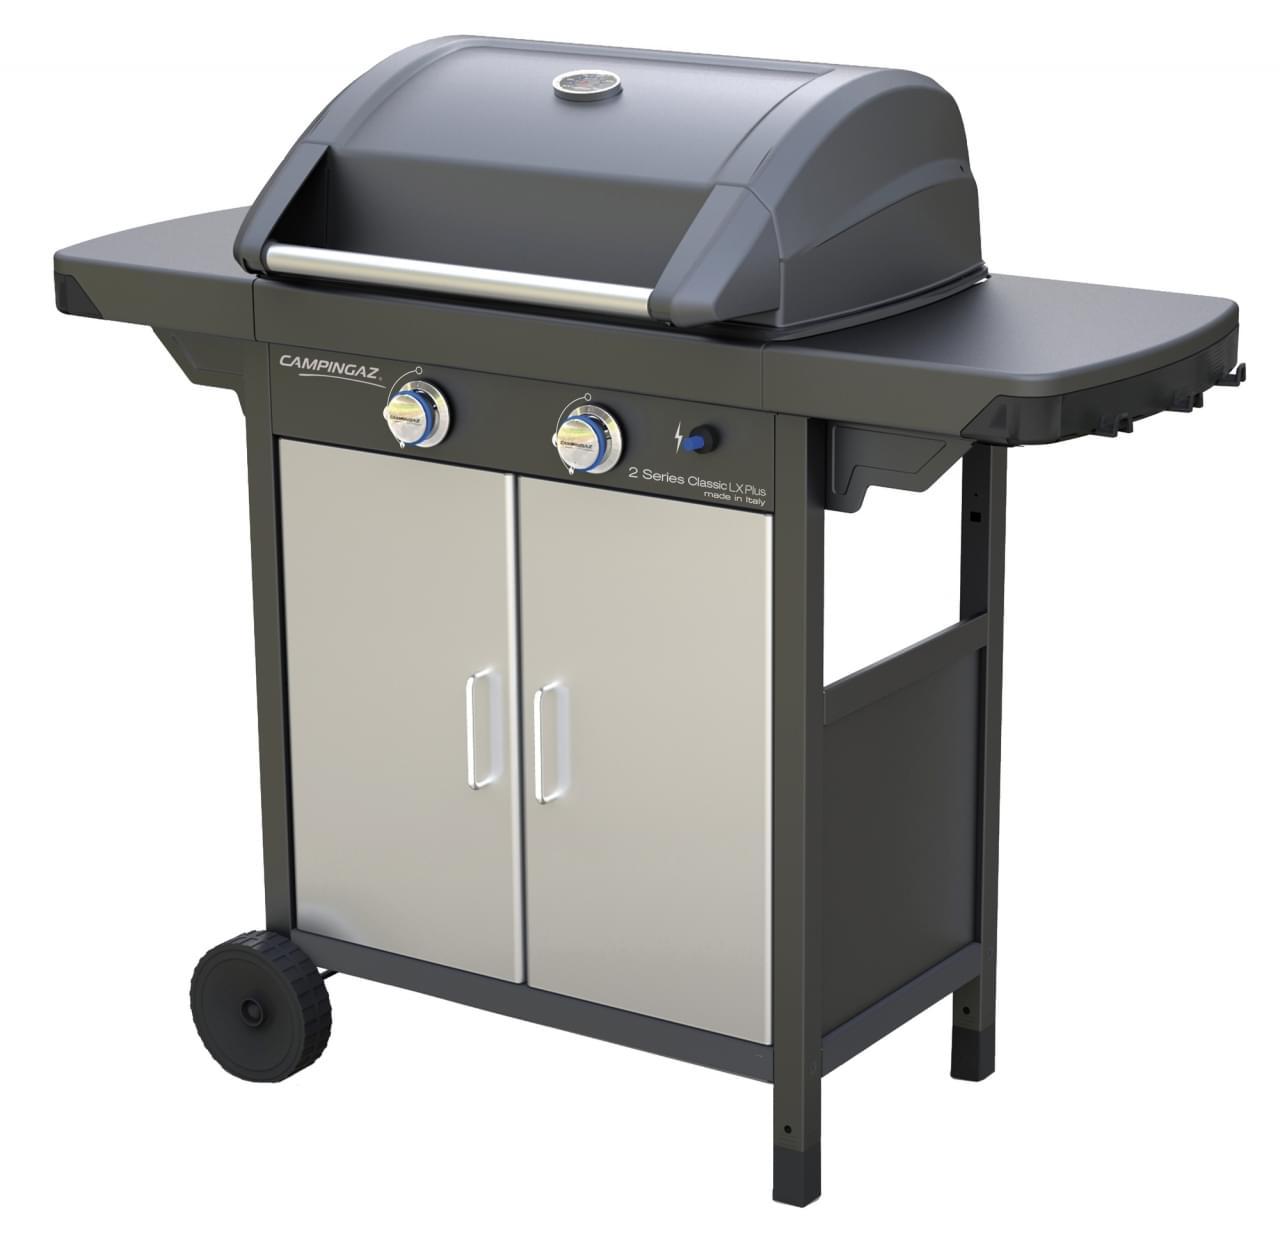 Campingaz BBQ, 2 Series Classic LX Plus